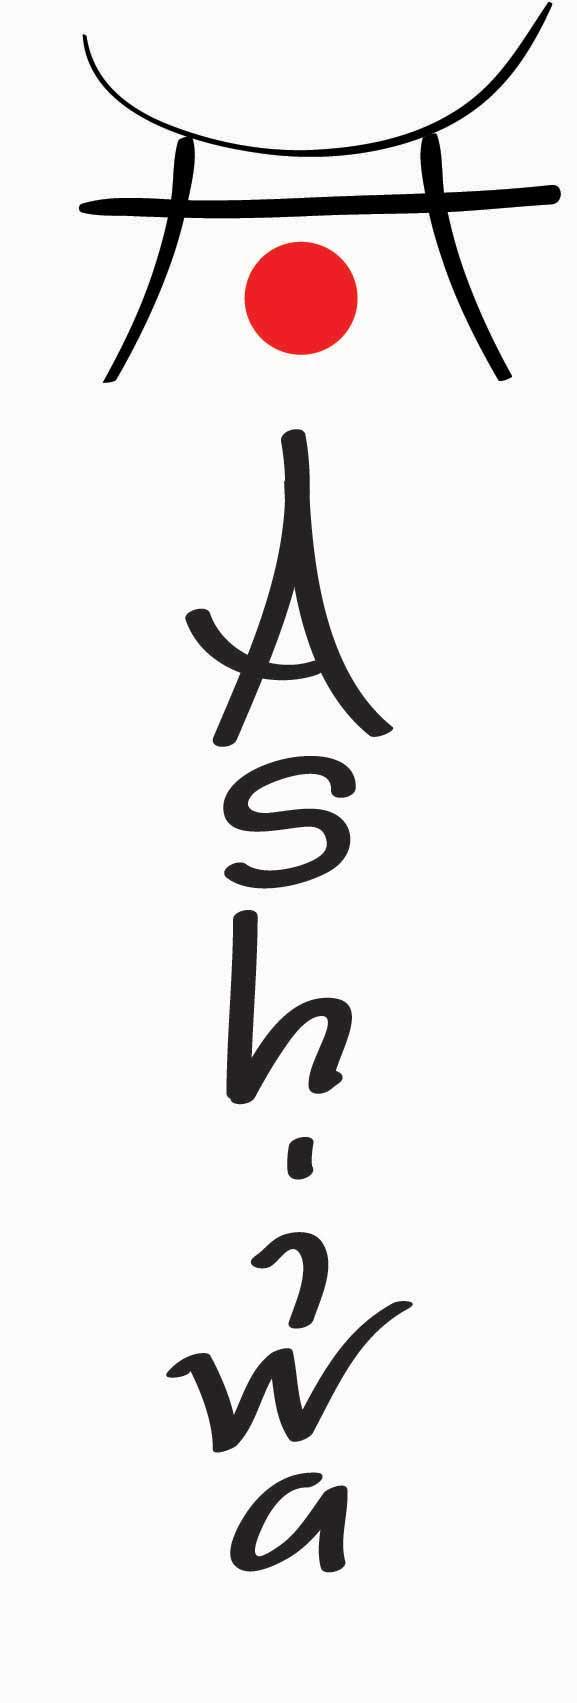 Lodrät Japansk logga Japanskt tecken i logotypen Ashiwa i Stockholm - design Hjälp med hemsidan